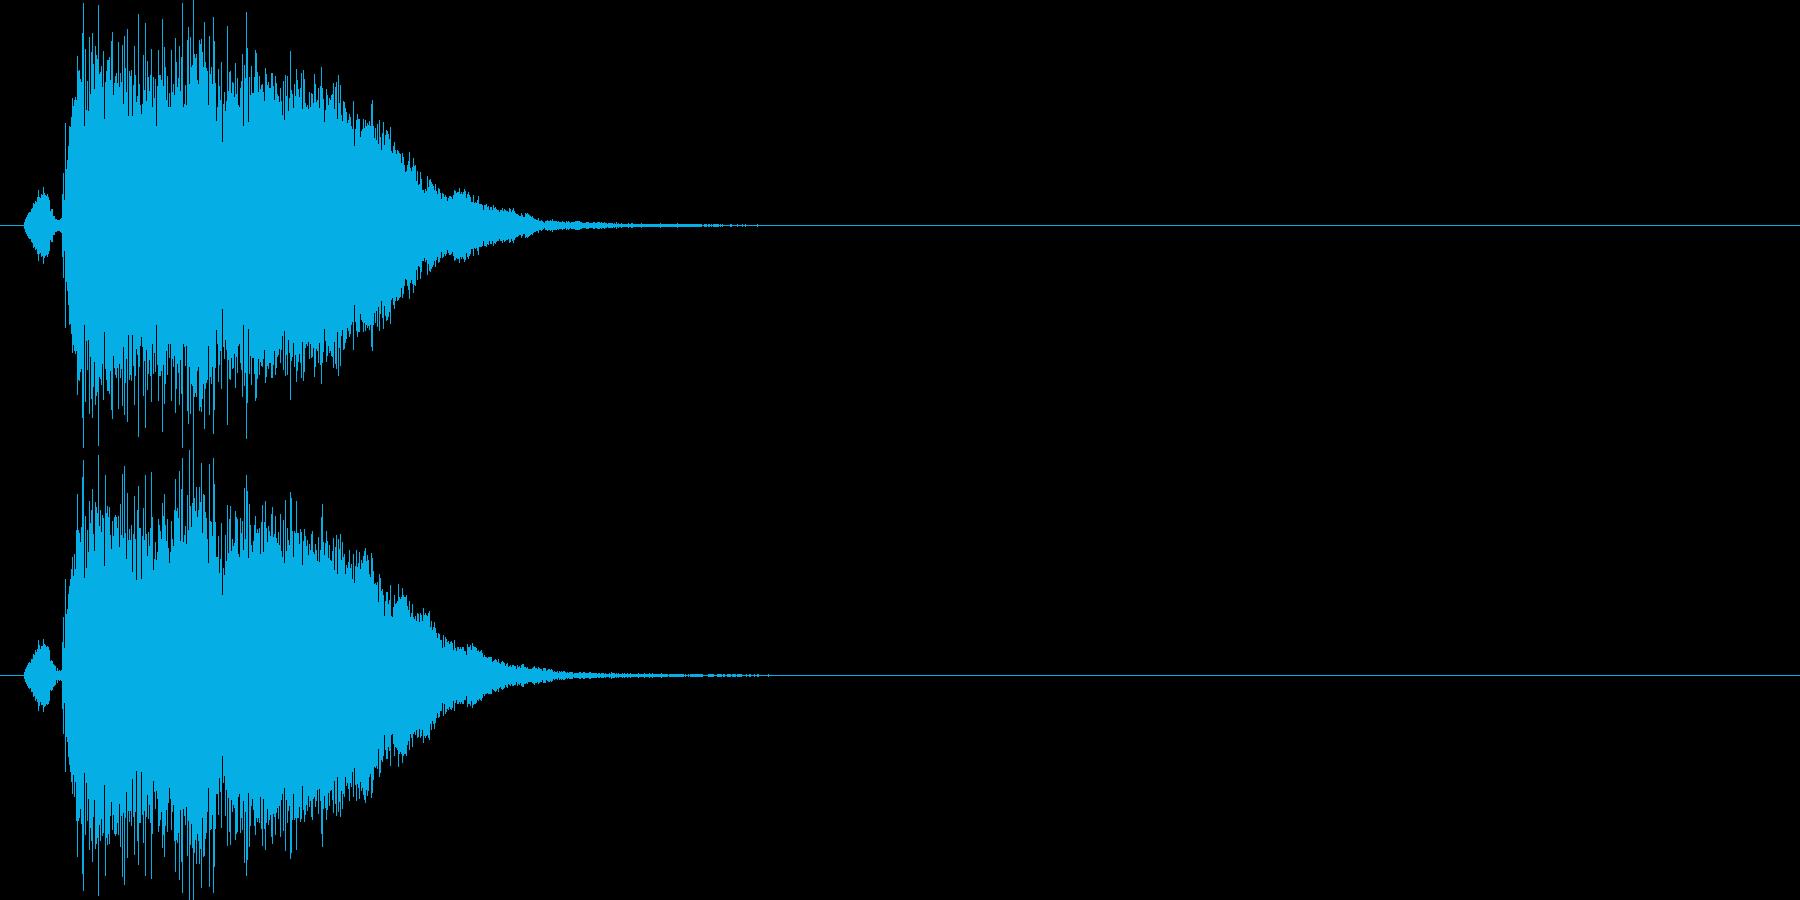 シャキーン(斬撃、決定、演出)の再生済みの波形